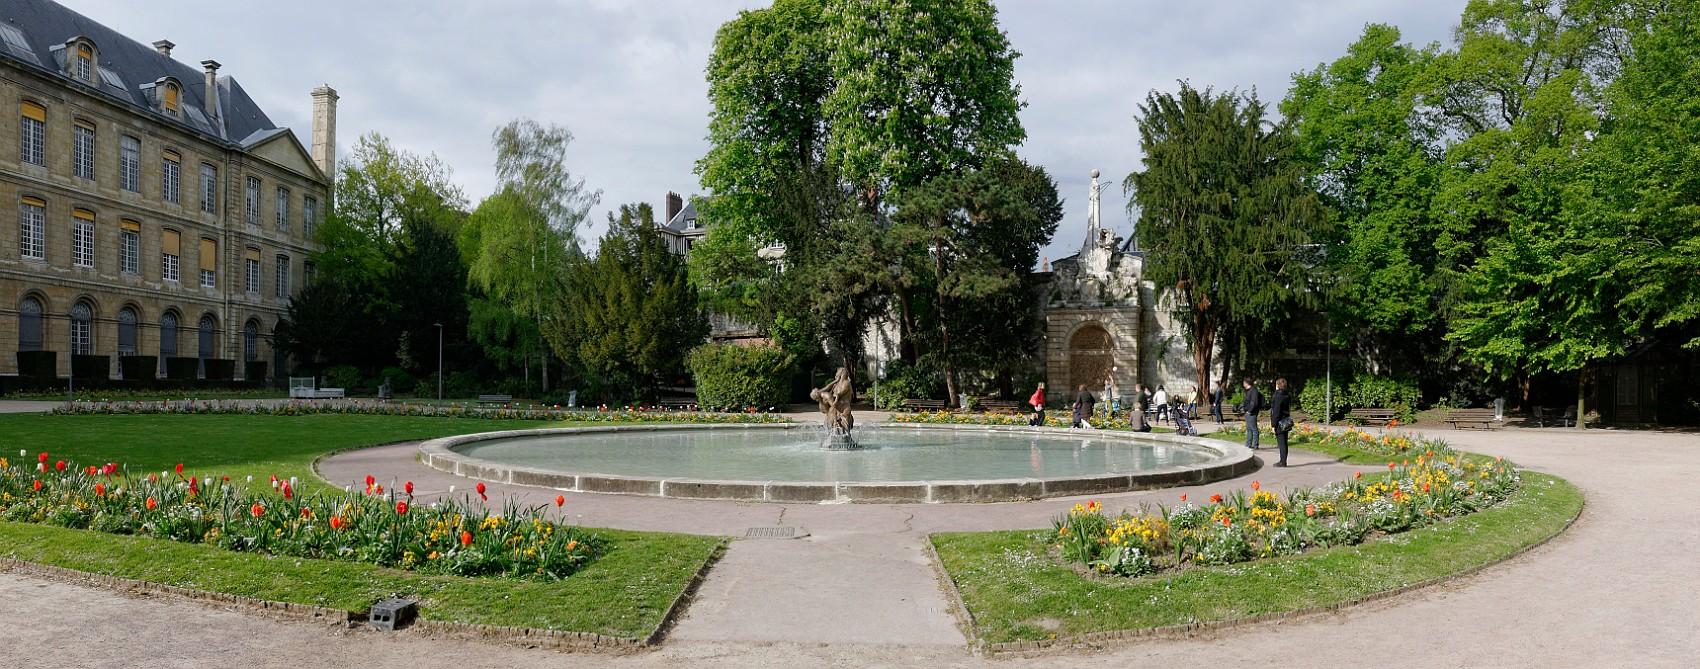 La vieille ville - Bassin naturel jardin rouen ...